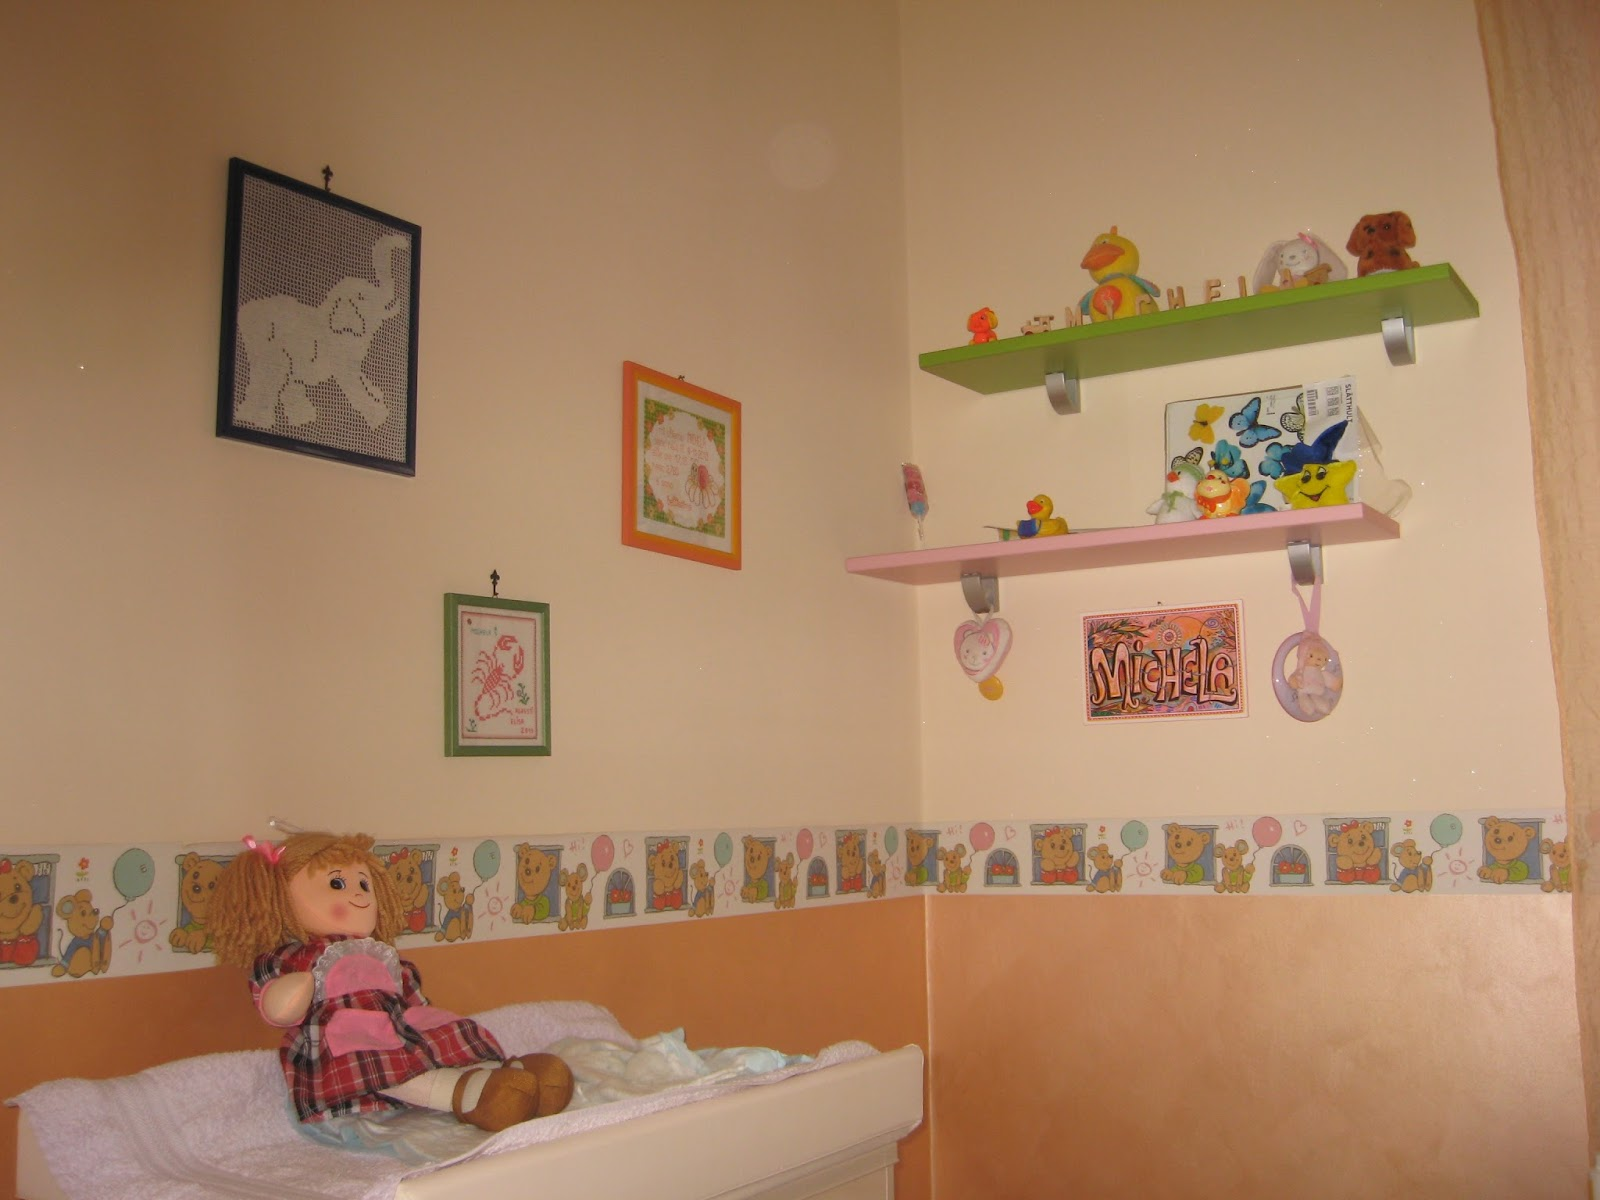 Decorare cameretta fabulous cheap decorare pareti cameretta bambini decorare camerette come - Decorare la cameretta del neonato ...